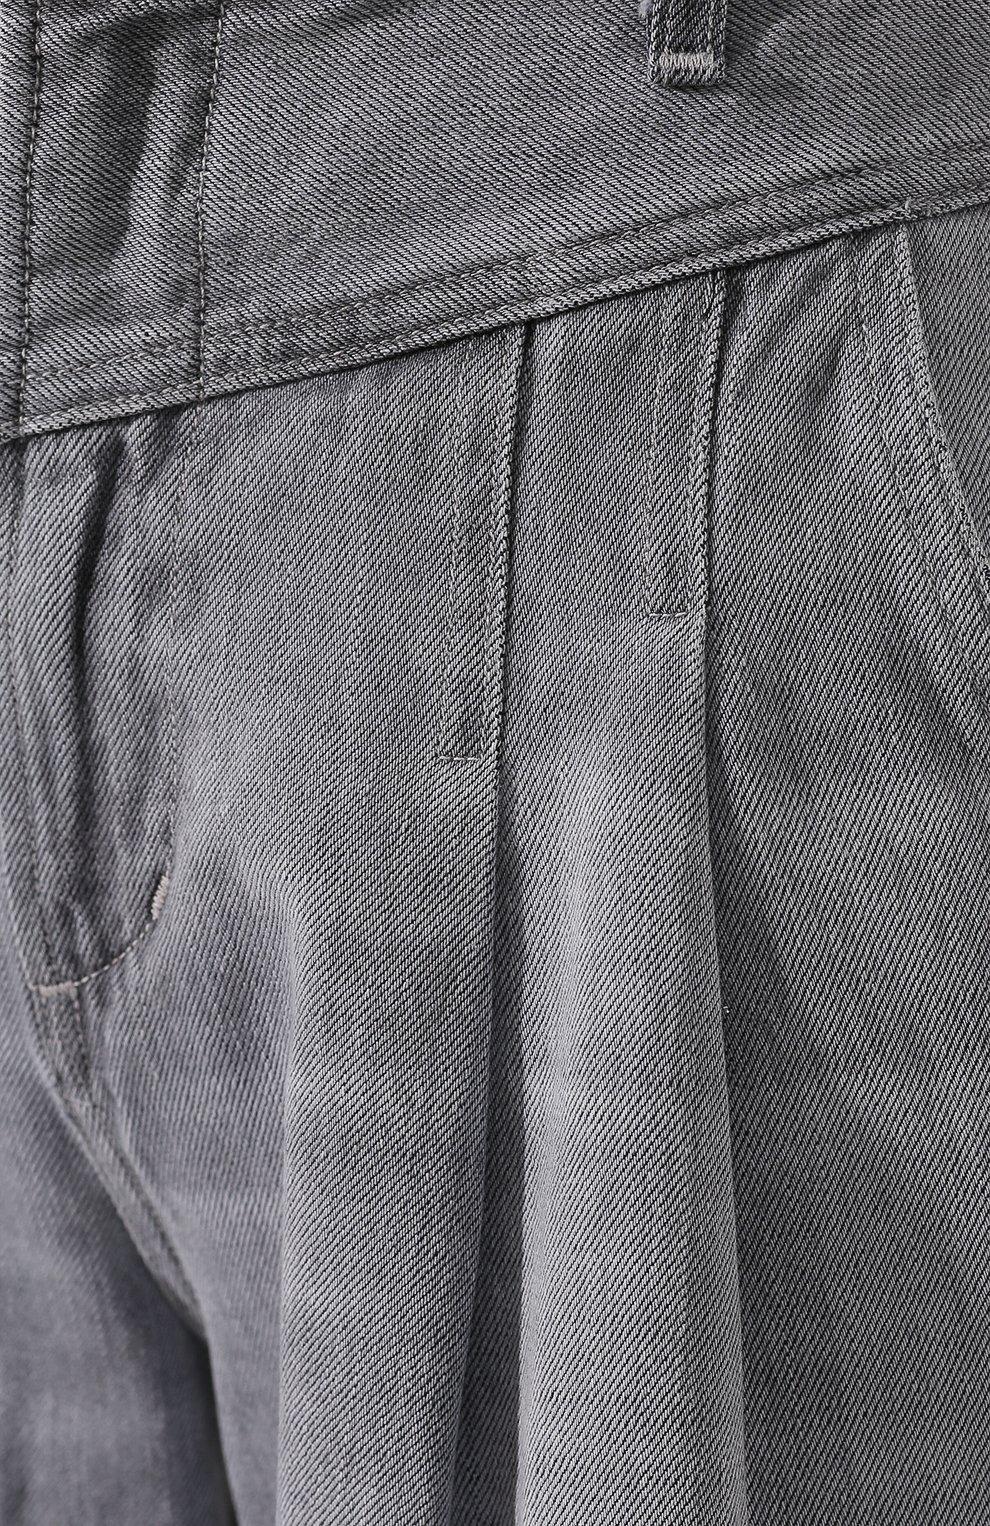 Женские джинсы CITIZENS OF HUMANITY серого цвета, арт. 1840-1193 | Фото 5